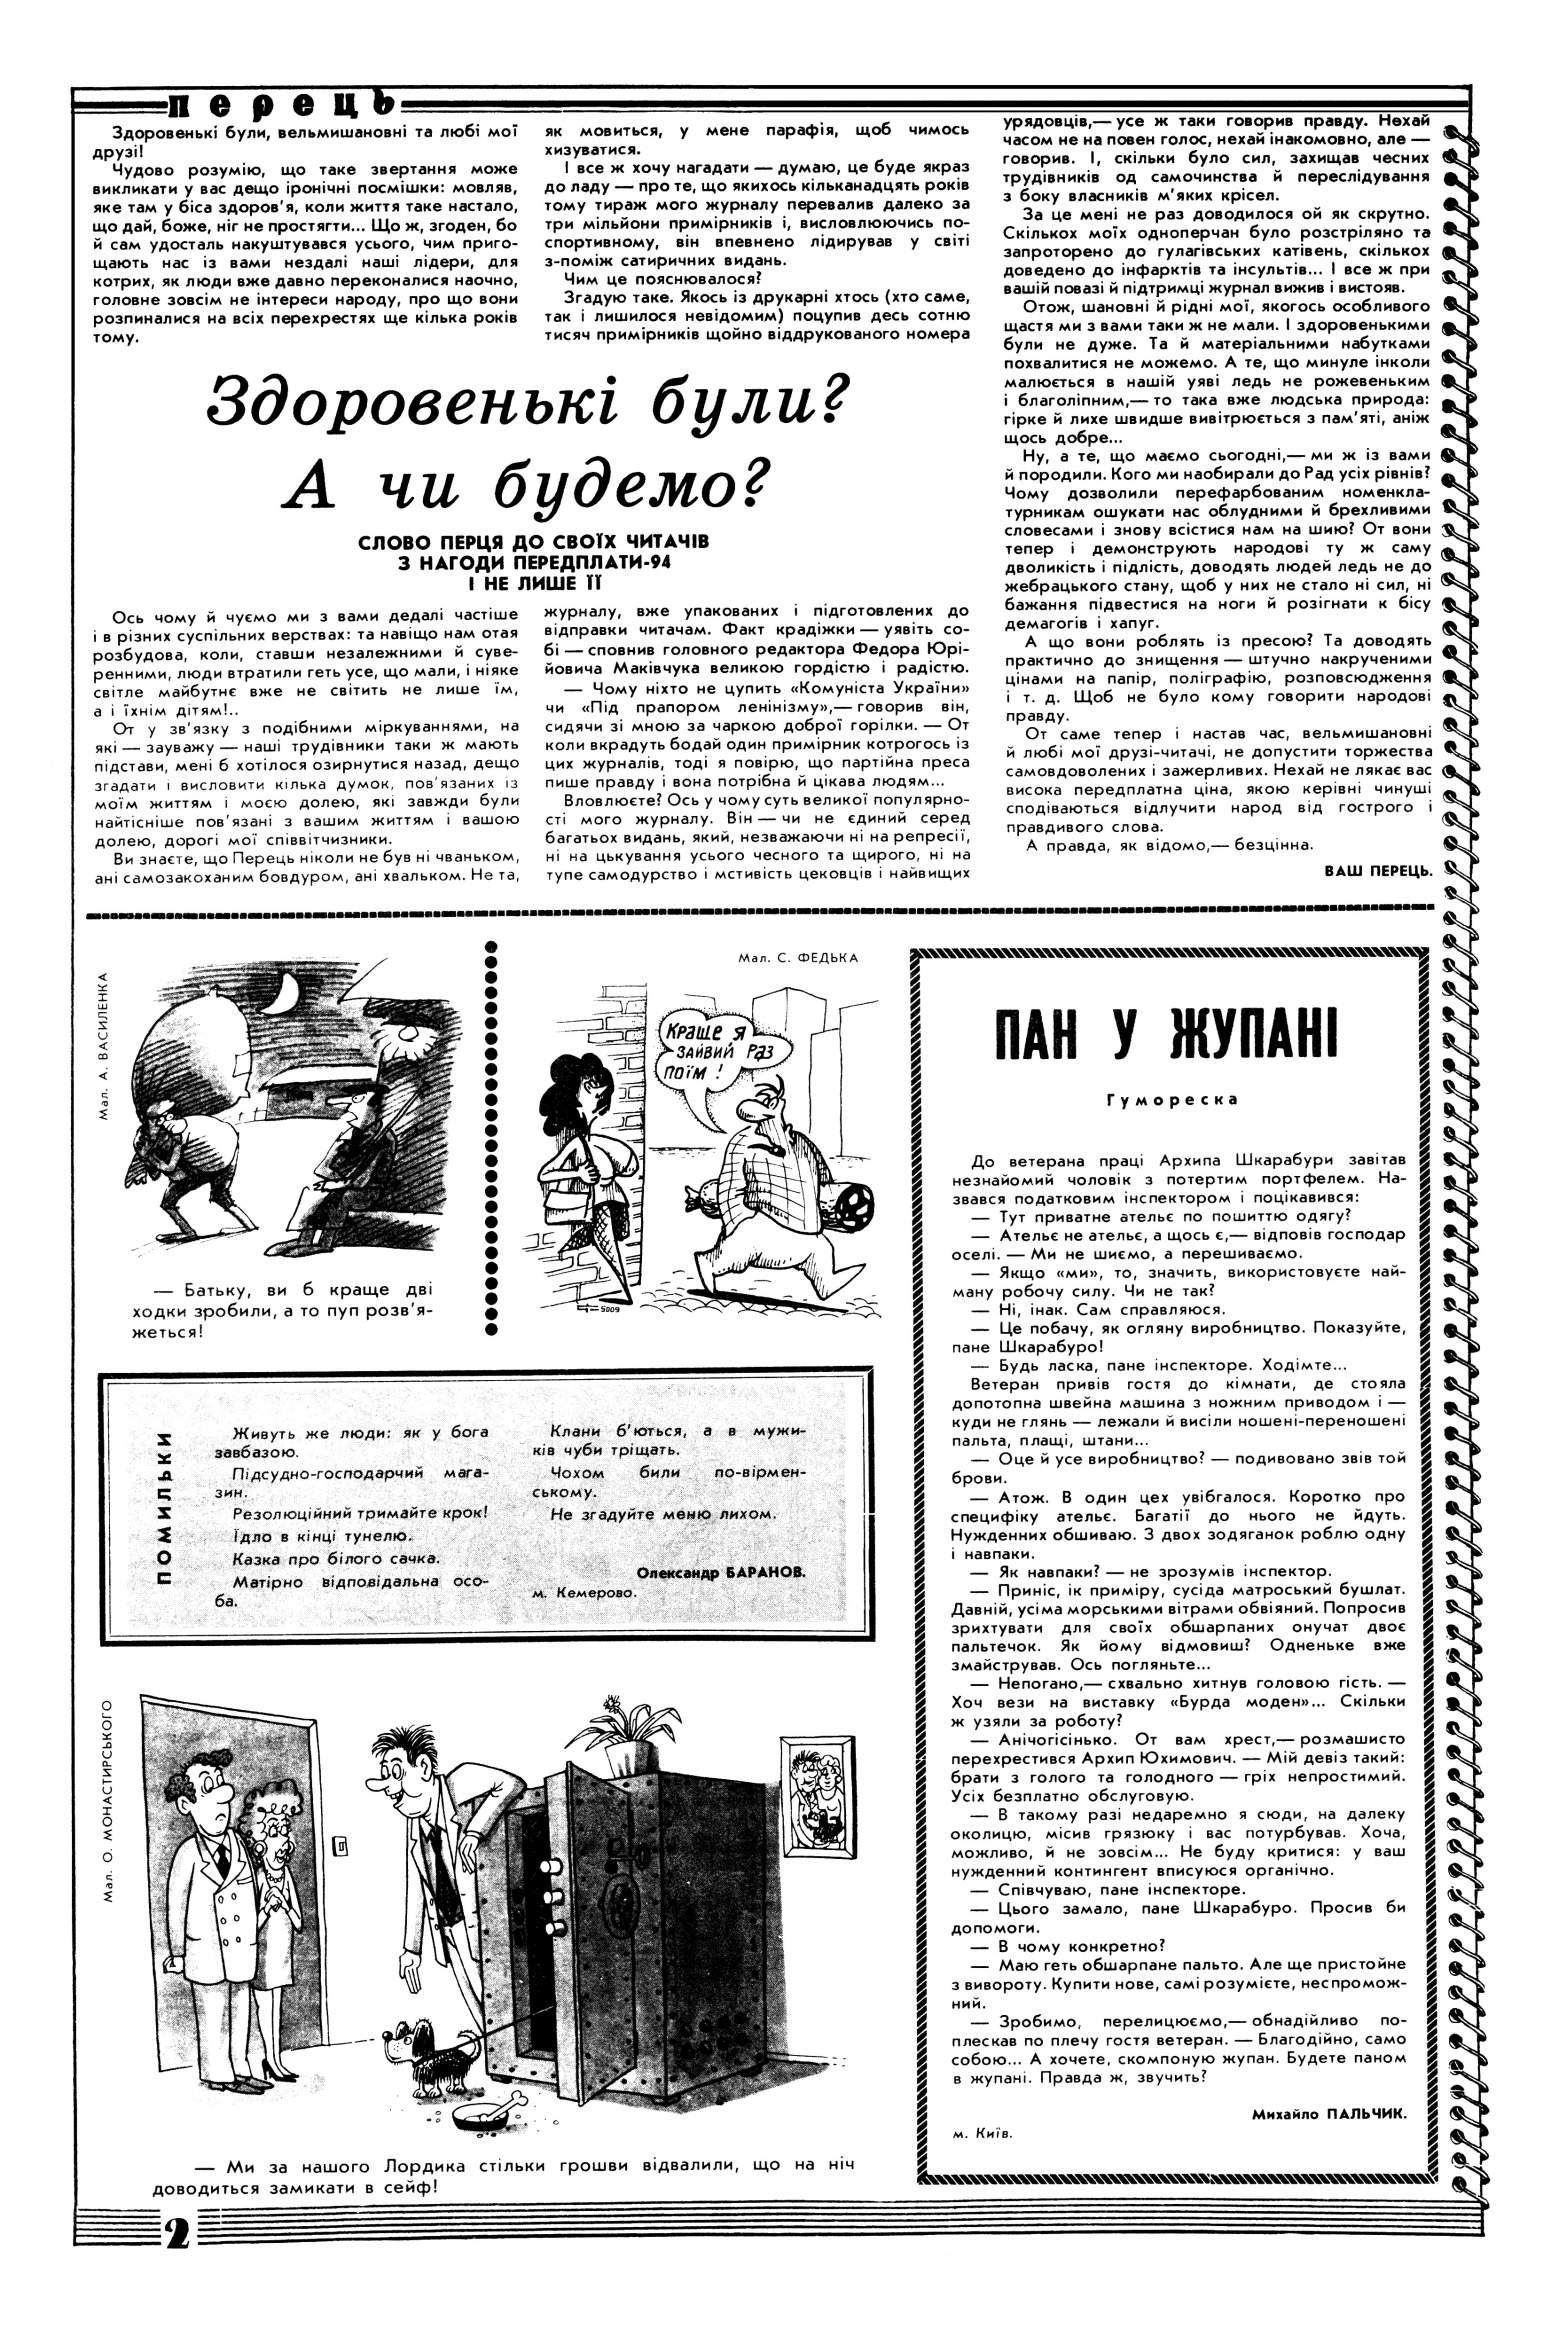 Журнал перець 1993 №16